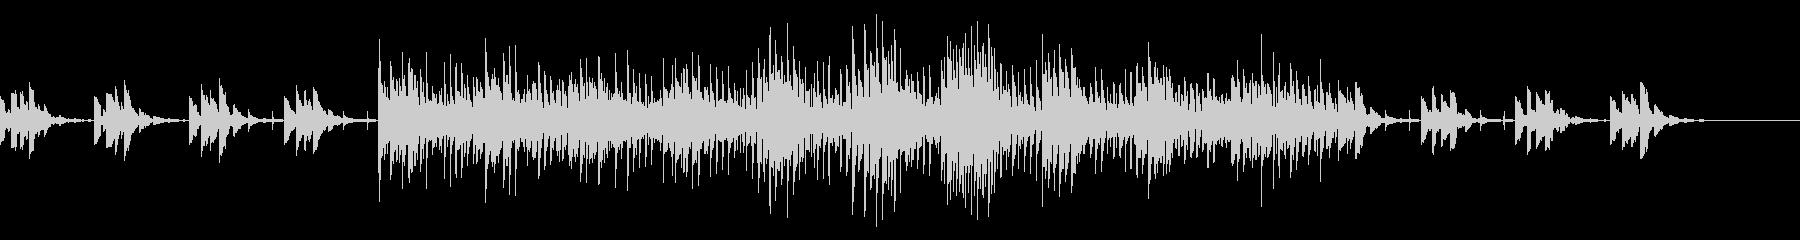 水の波紋が広がる雰囲気の静かな曲の未再生の波形